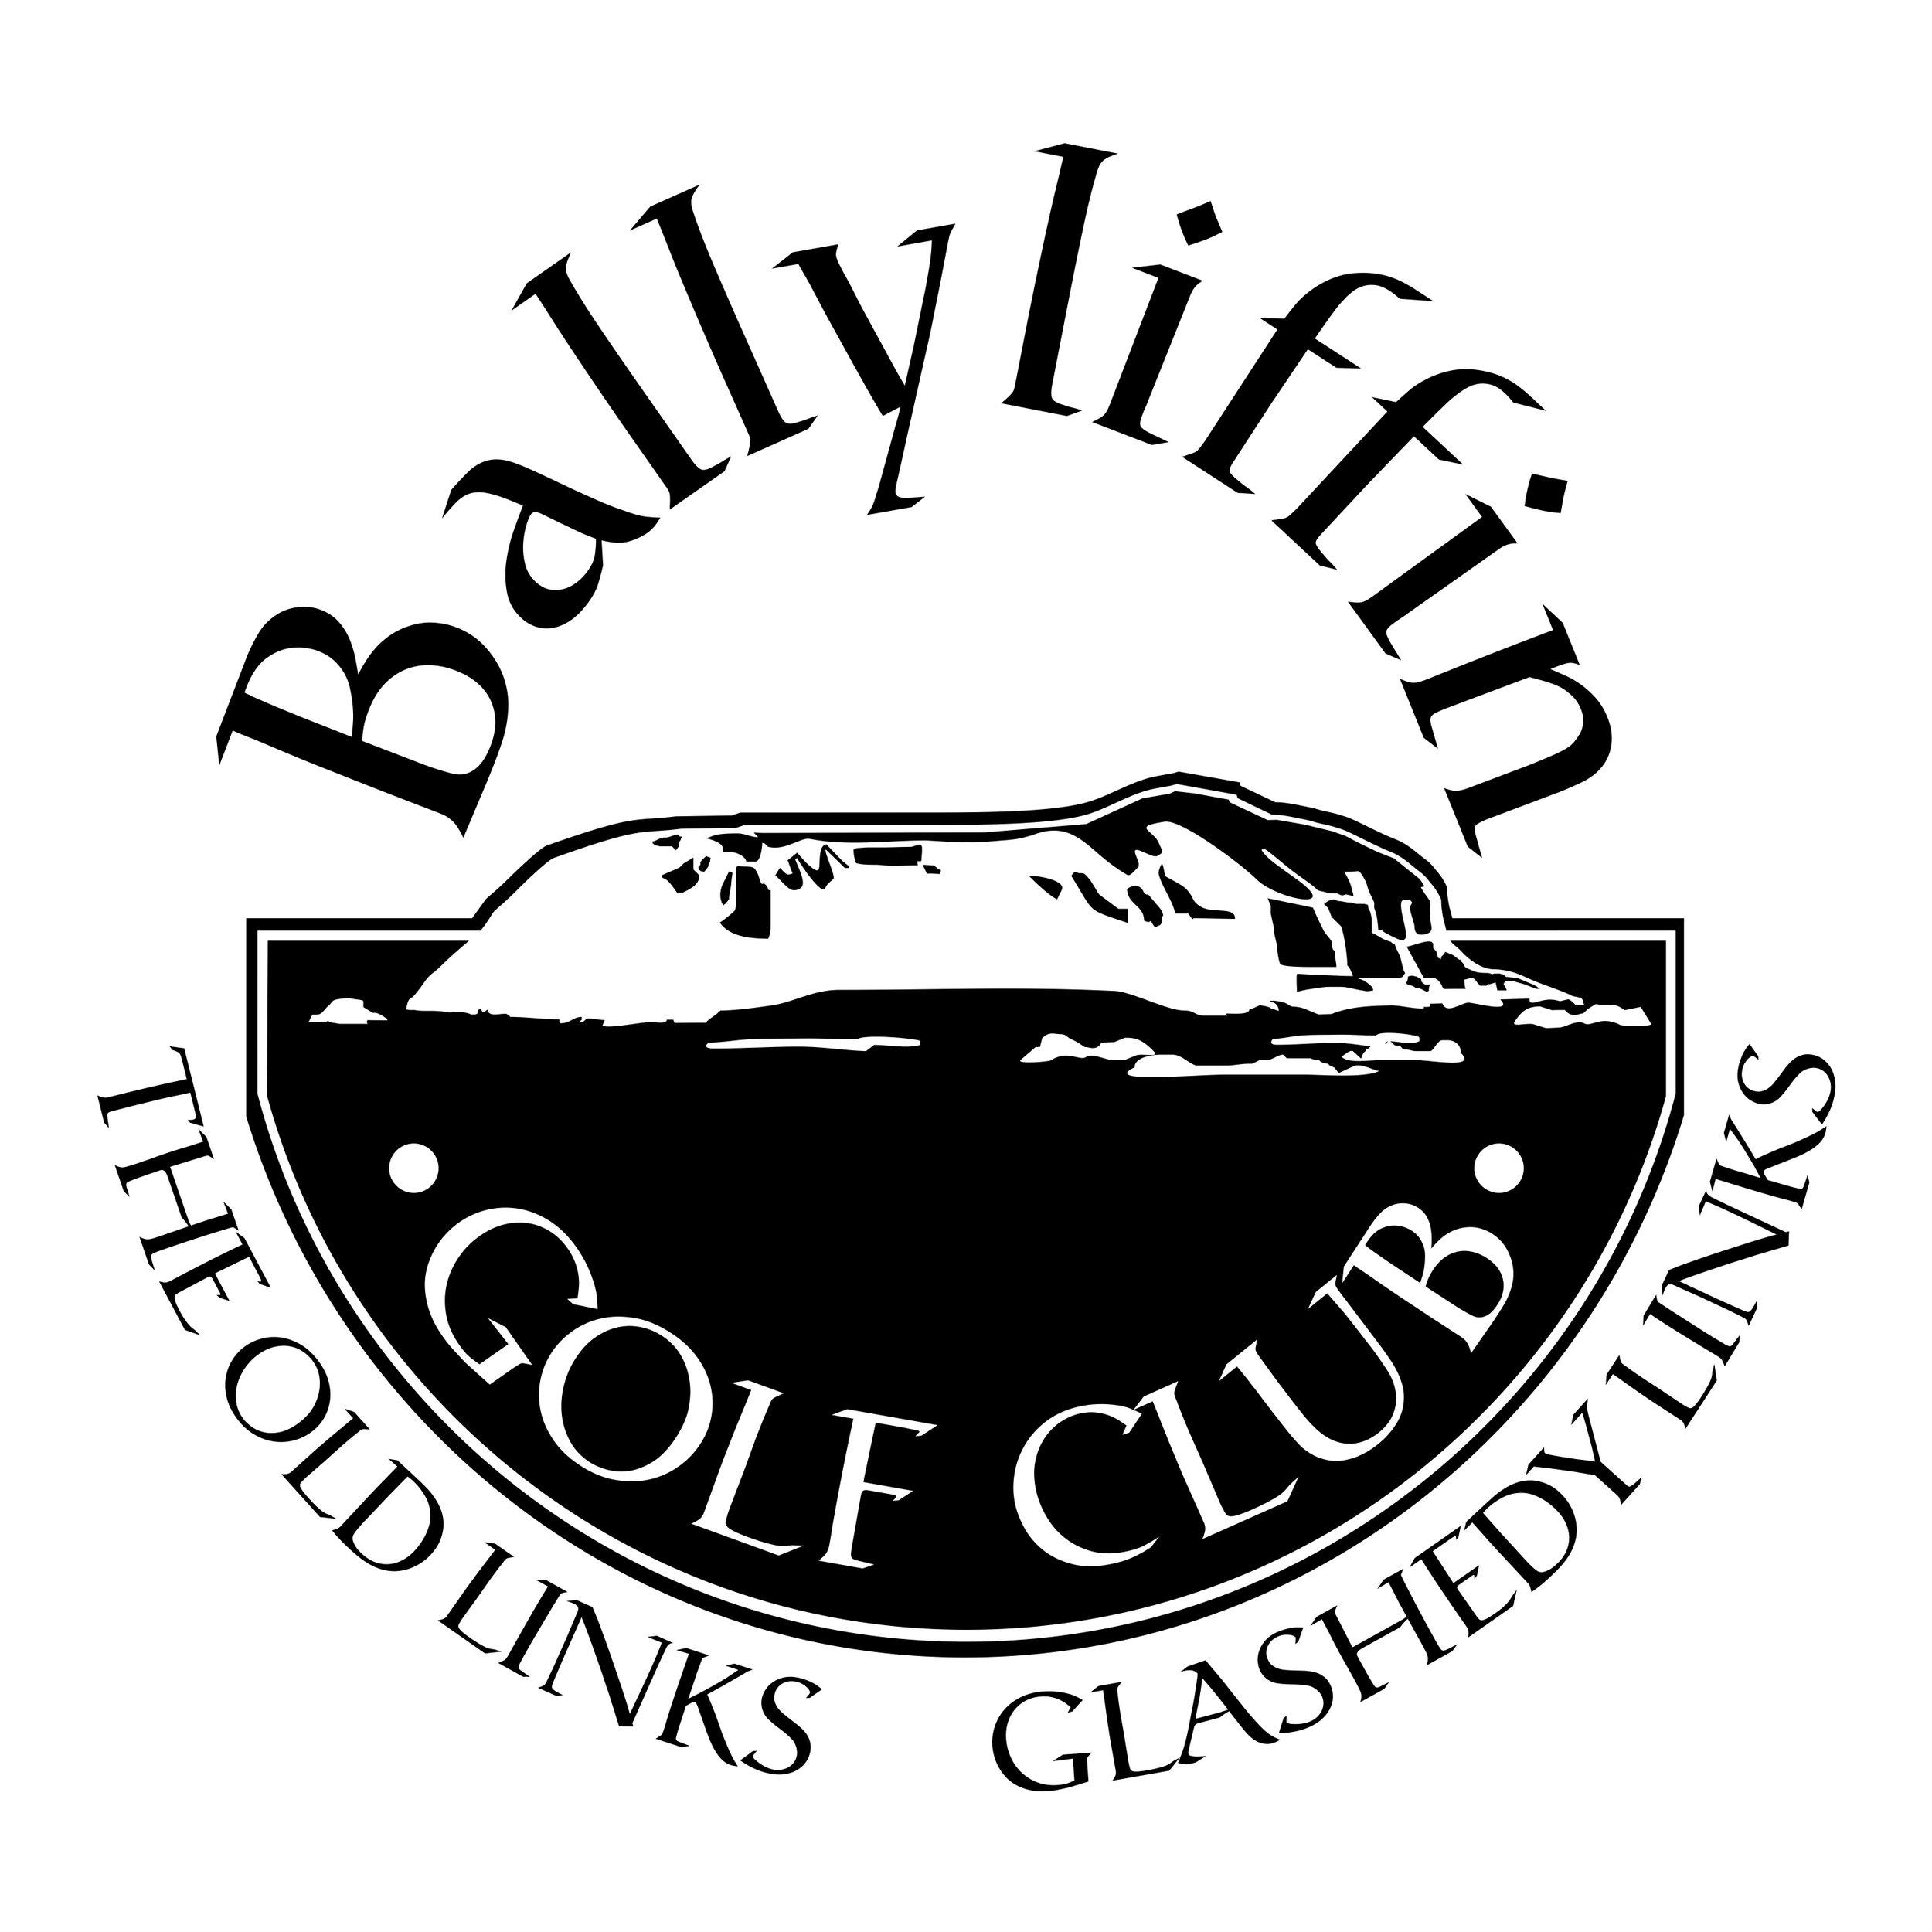 ballyliffinhighres logo.jpg